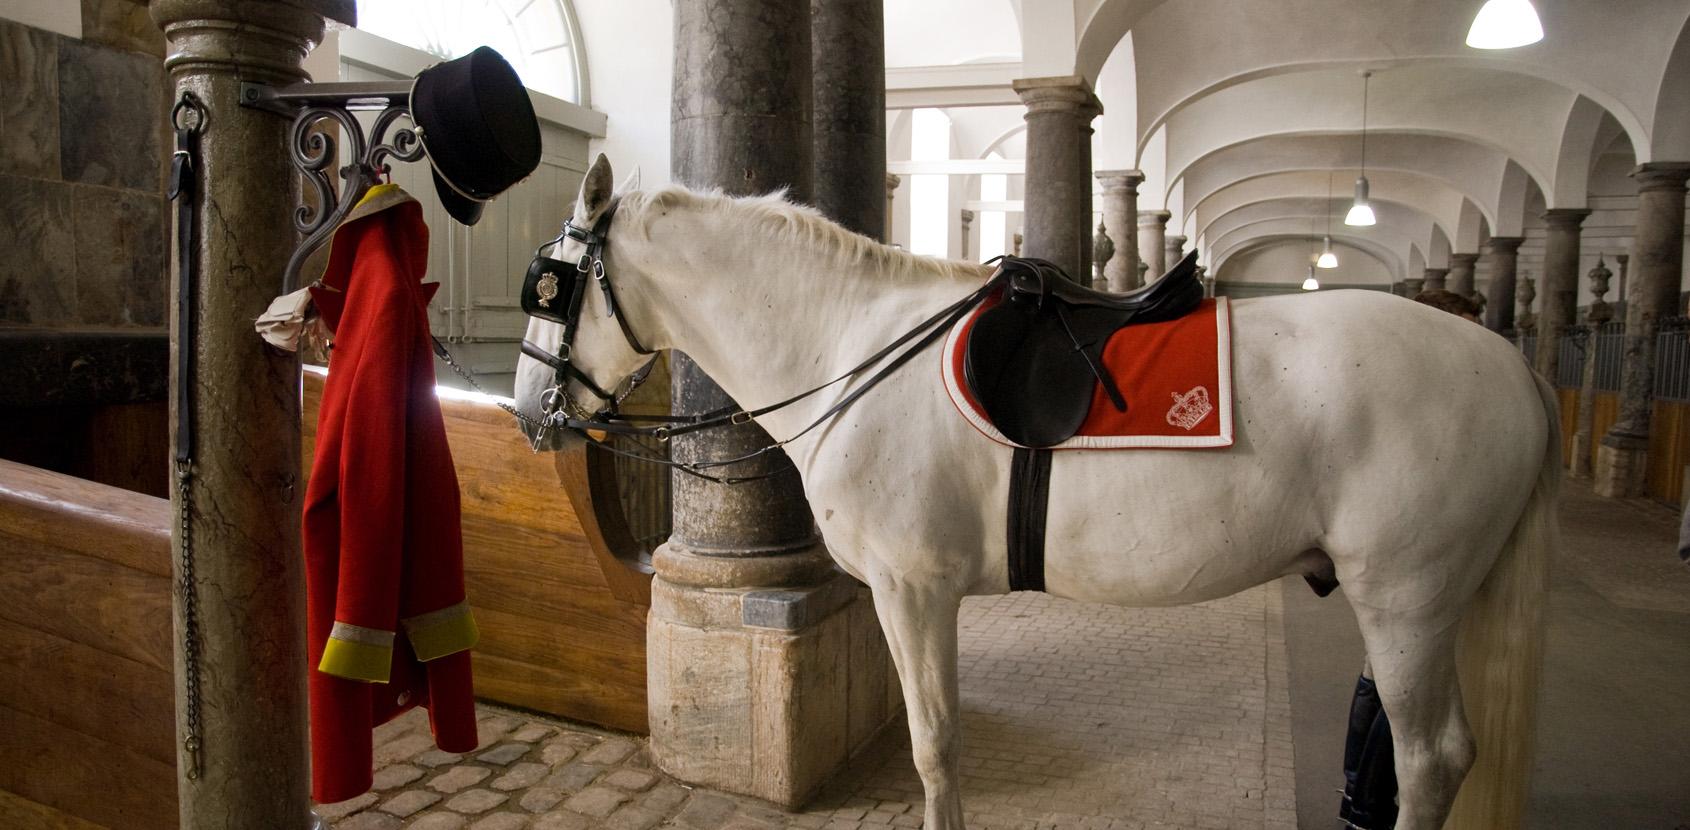 I De Kongelige Stalde pruster hestene de besøgende i nakken. Foto: Thomas Rahbek, SLKE